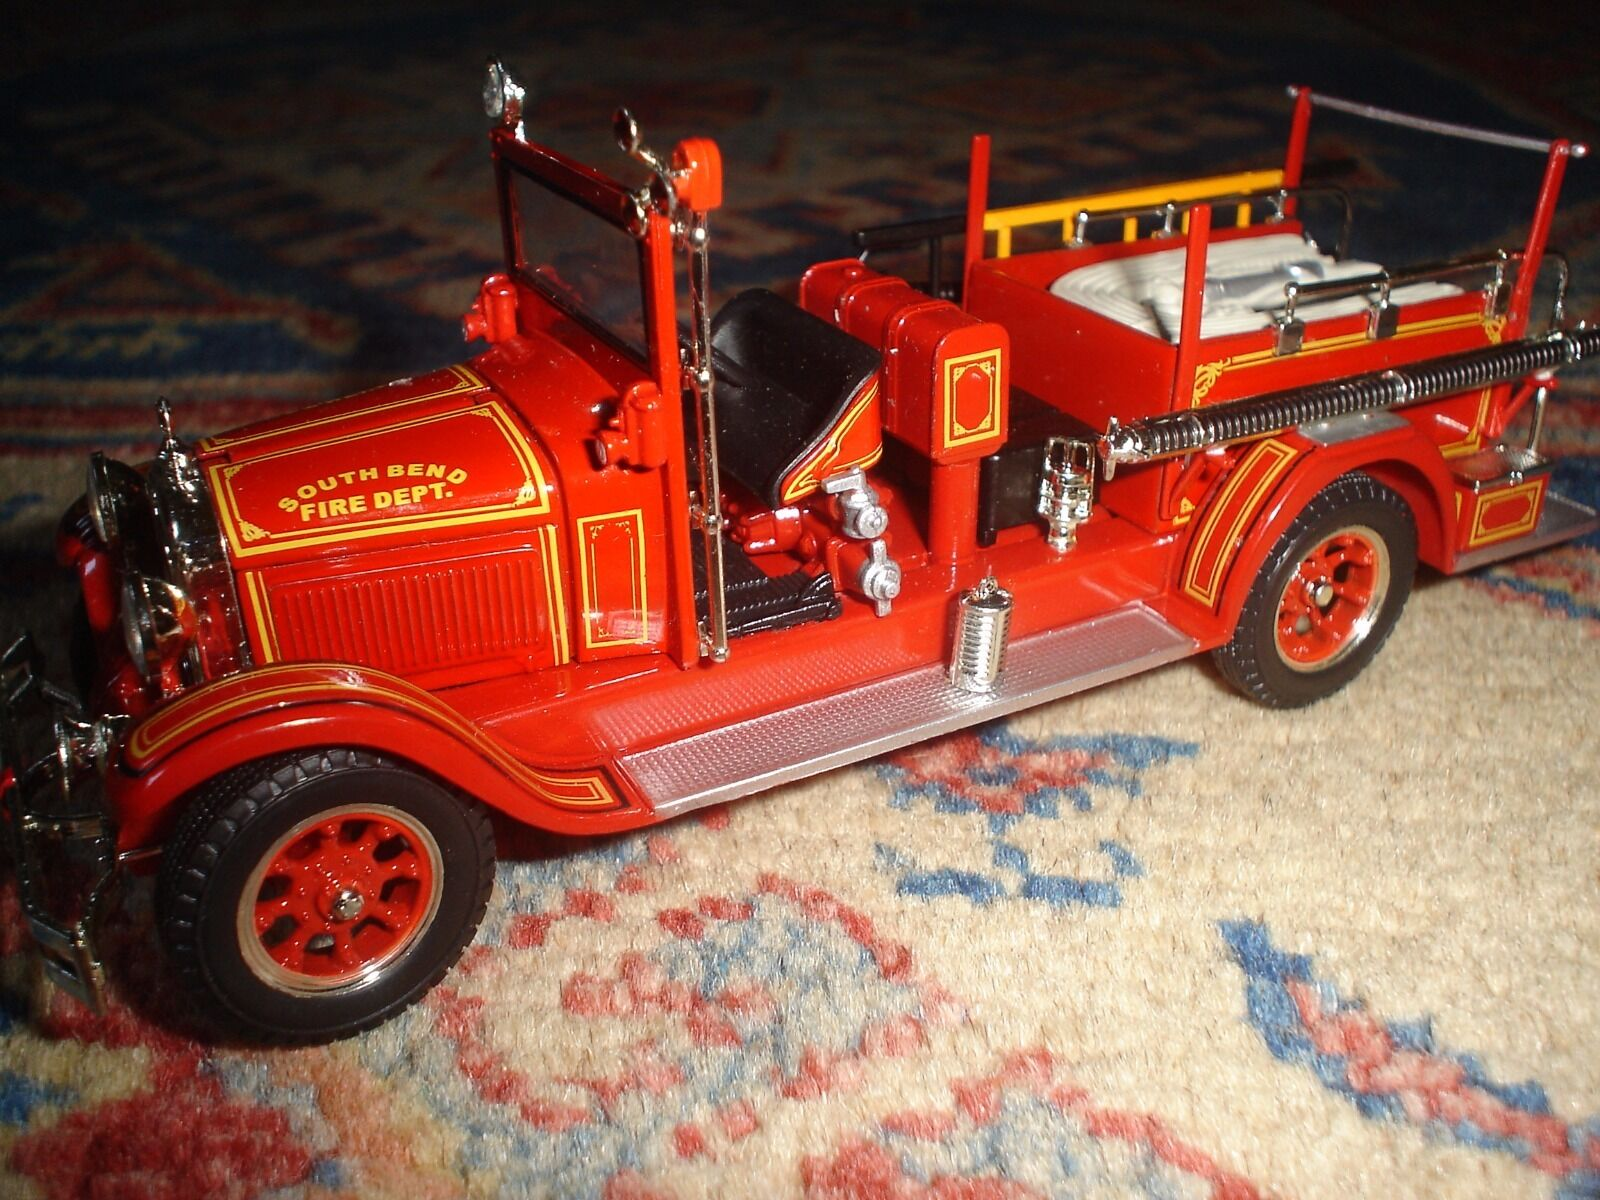 Venta al por mayor barato y de alta calidad. FDNY FDNY FDNY  – ENGINE – STUDEBAKER FIRE (SOUTH BEND FIRE DEPARTEMENT) - 1928  oferta especial